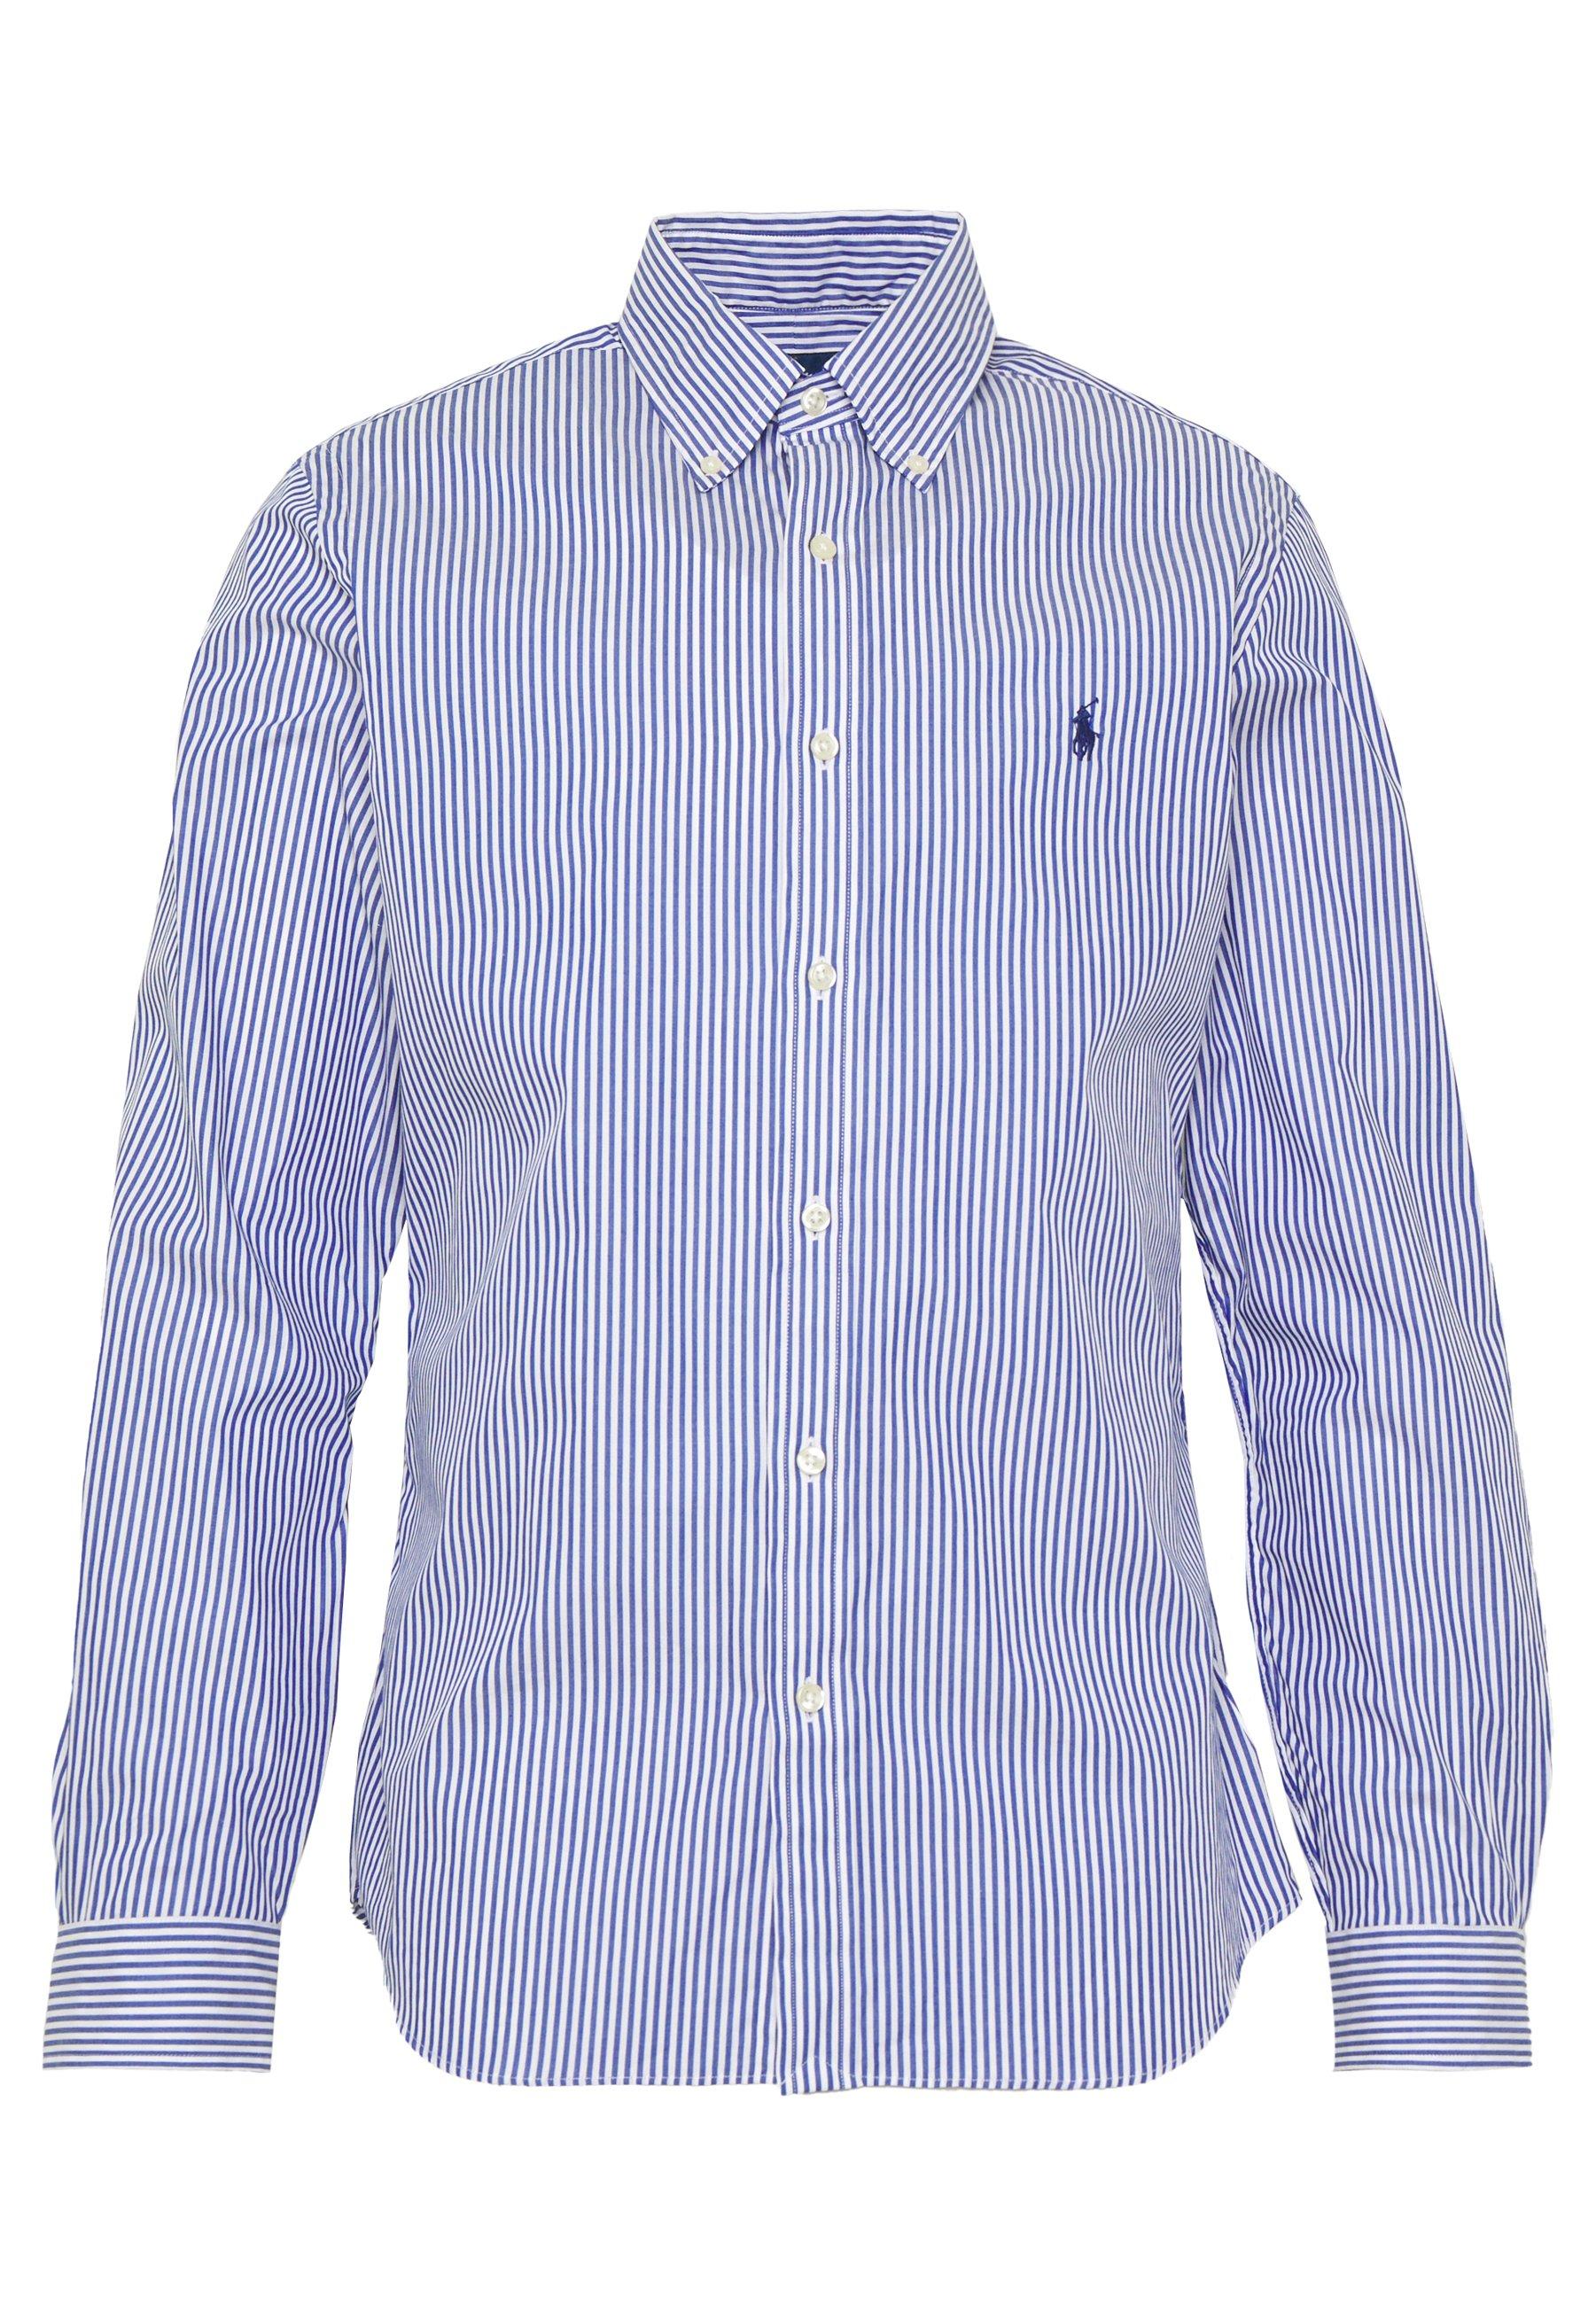 Polo Ralph Lauren Natural - Skjorta Pink/blue